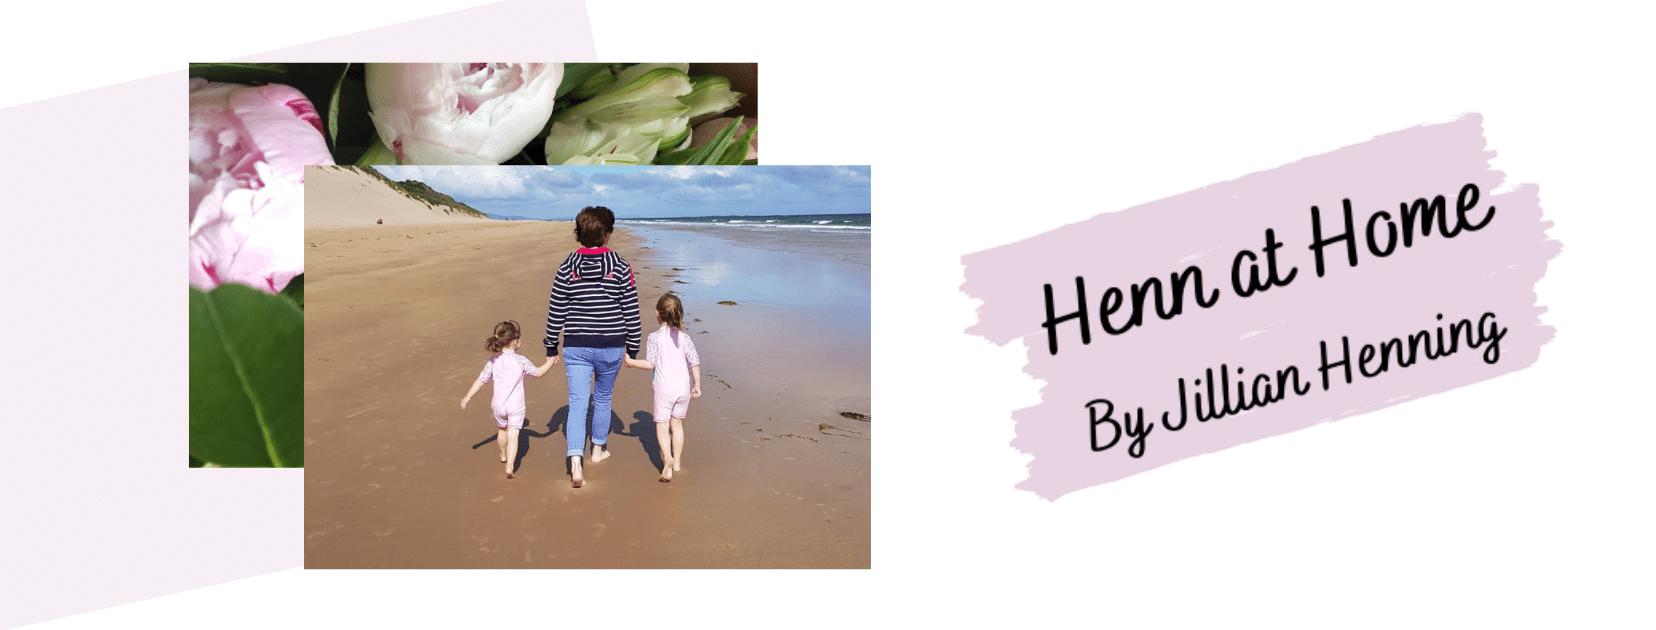 Henn at Home lifestyle blog